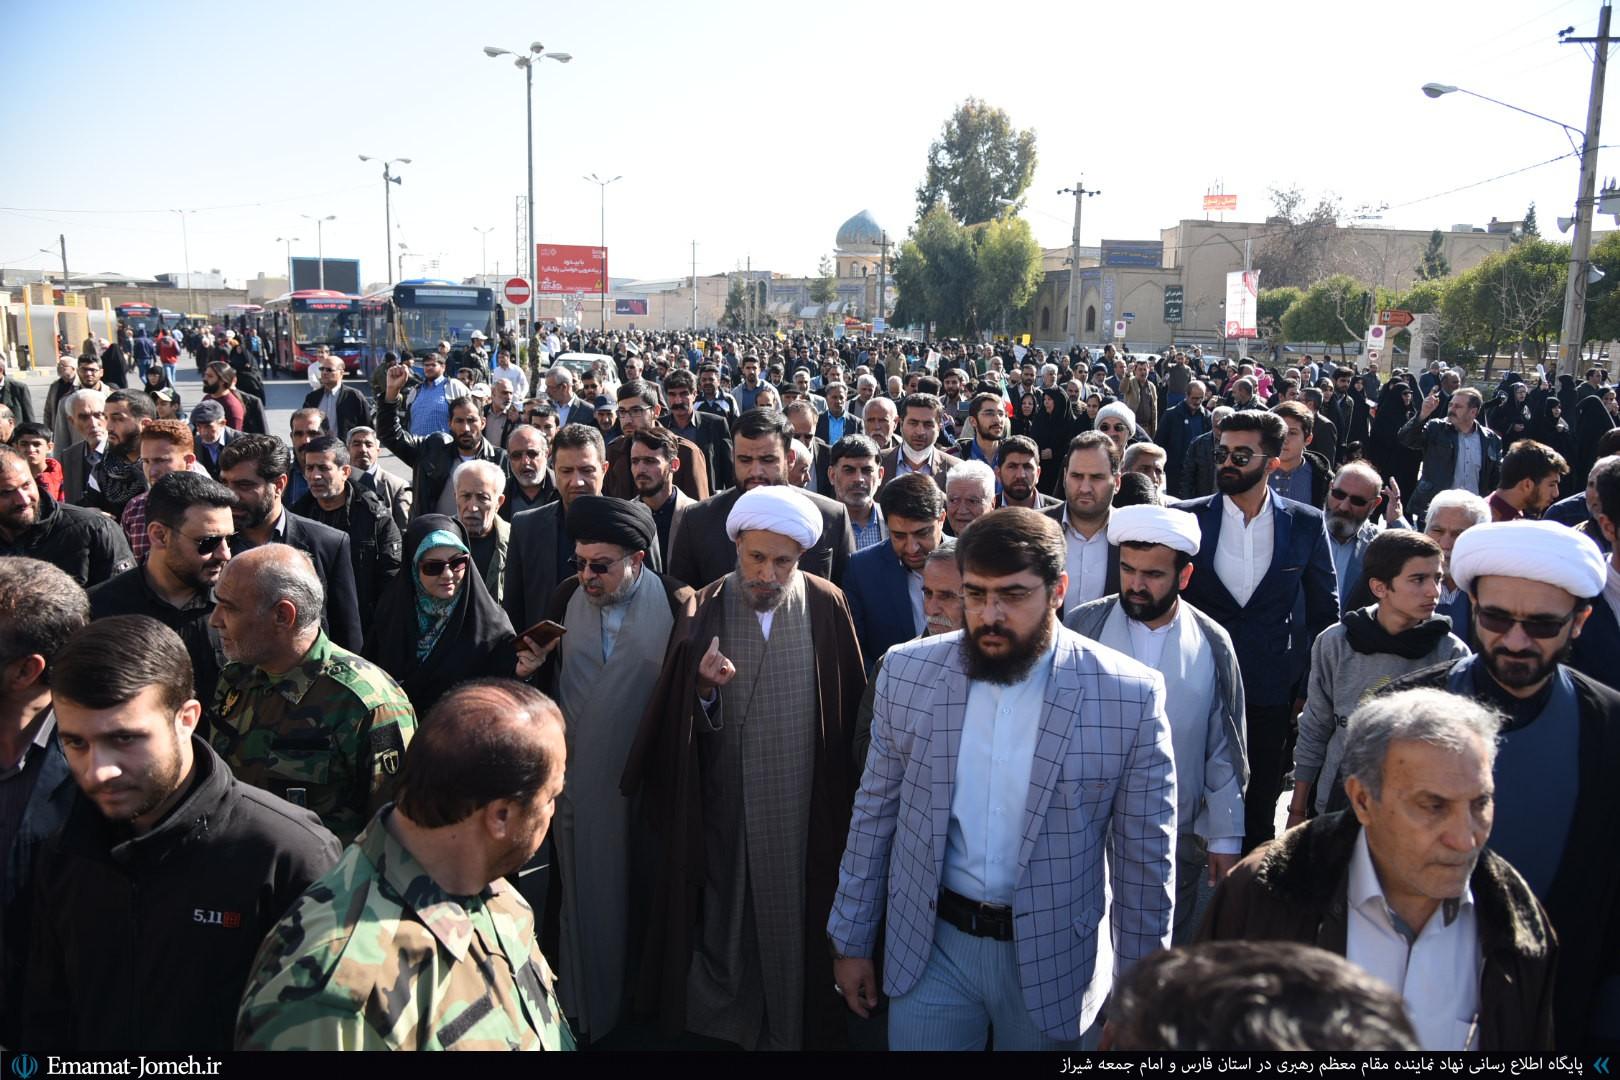 راهپیمایی مردم شیراز در حمایت از سپاه پاسداران انقلاب اسلامی